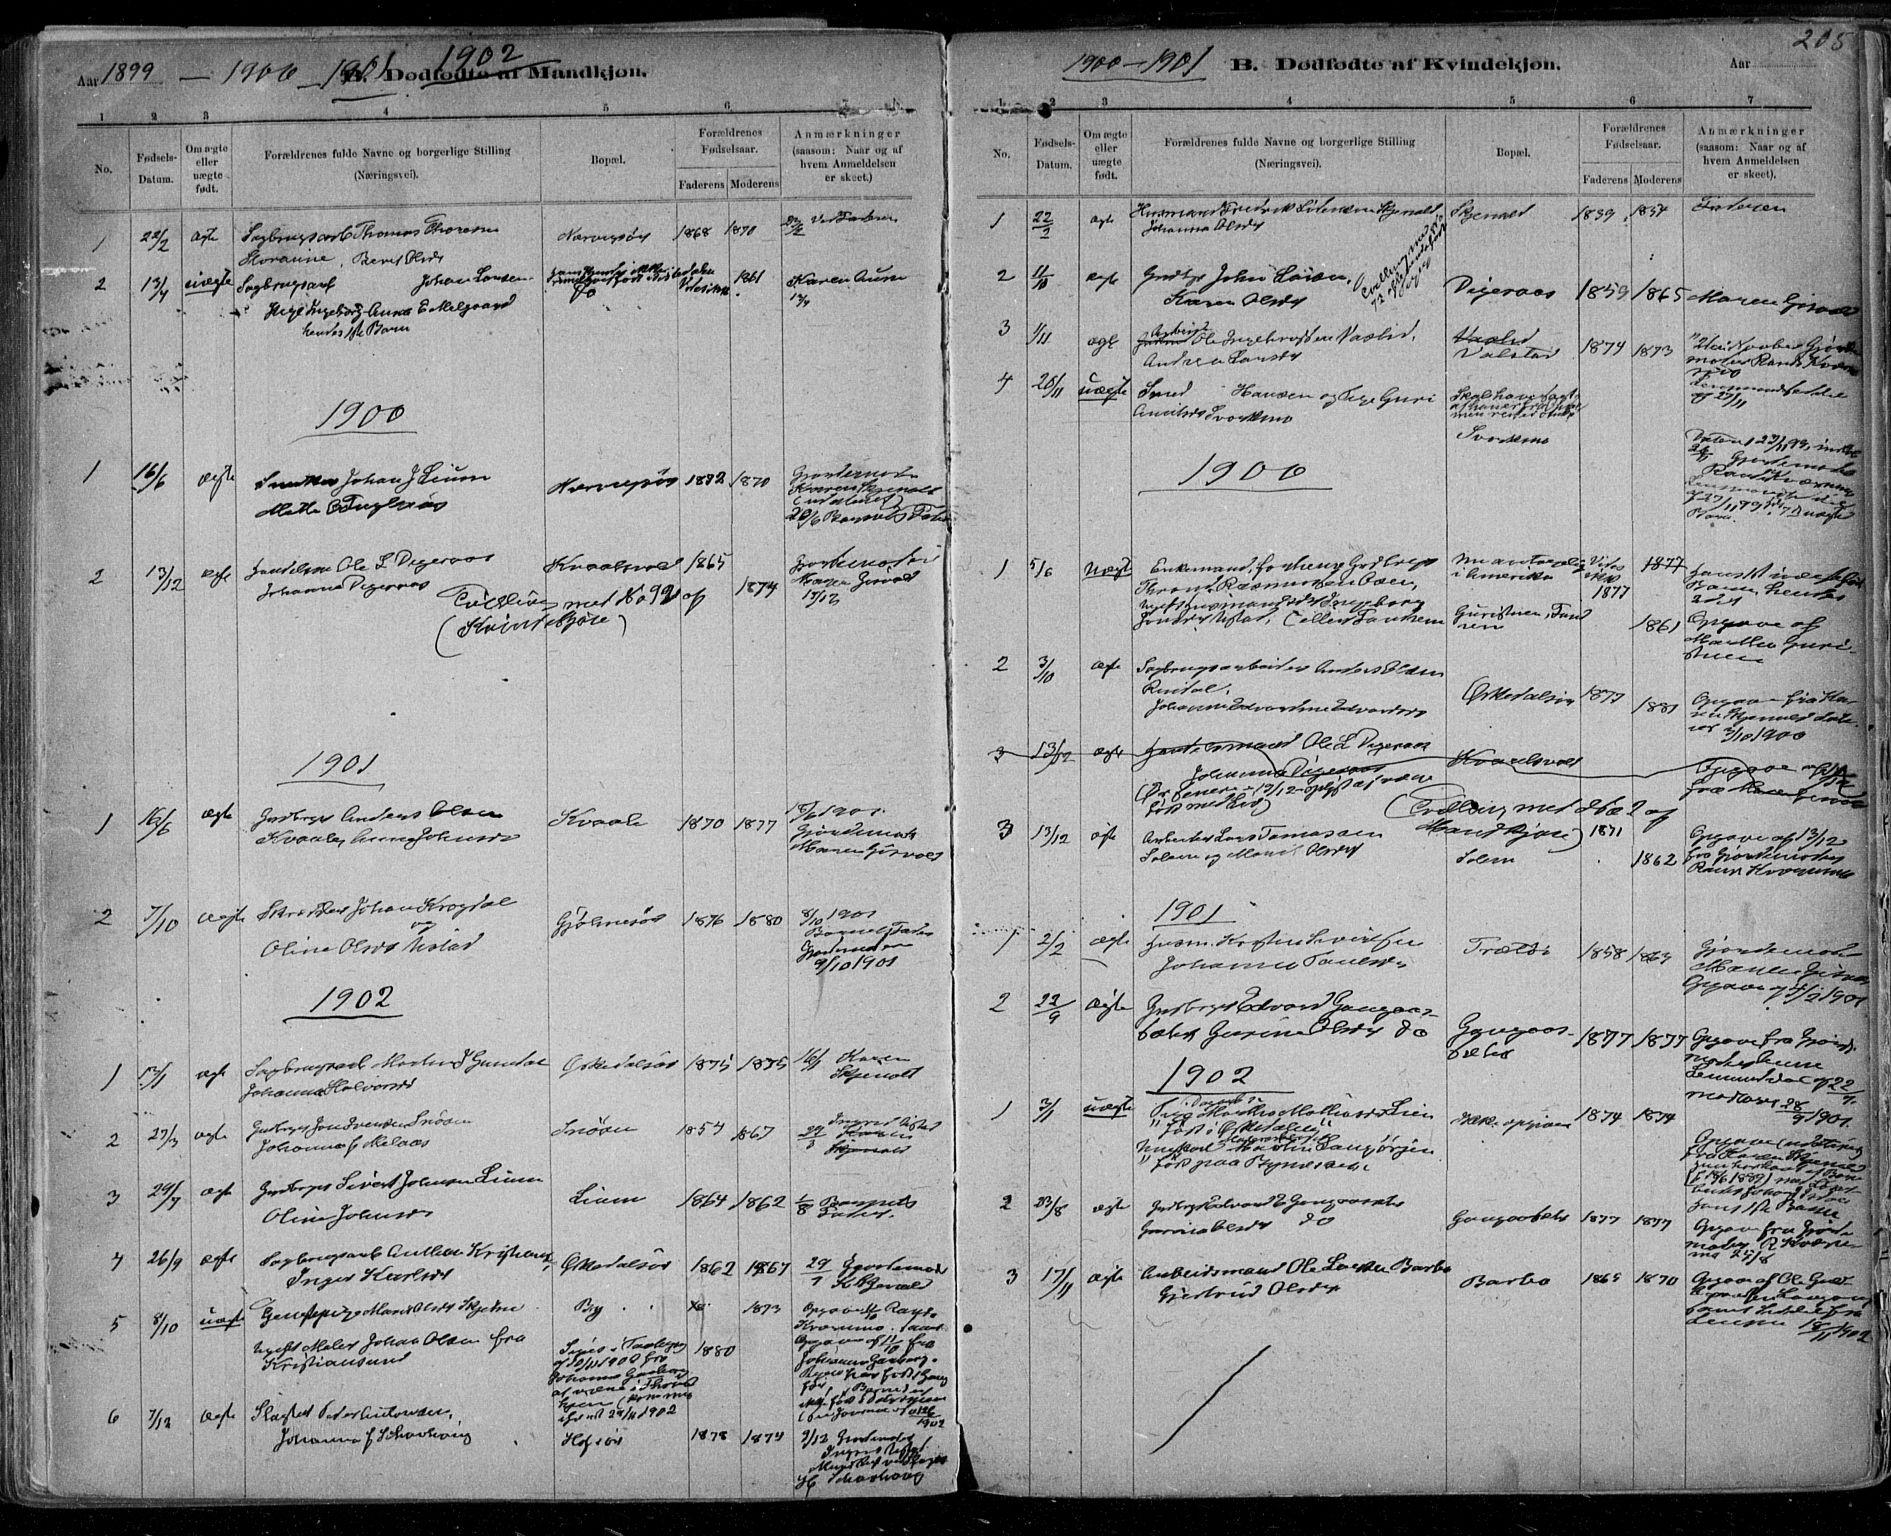 SAT, Ministerialprotokoller, klokkerbøker og fødselsregistre - Sør-Trøndelag, 668/L0811: Ministerialbok nr. 668A11, 1894-1913, s. 205